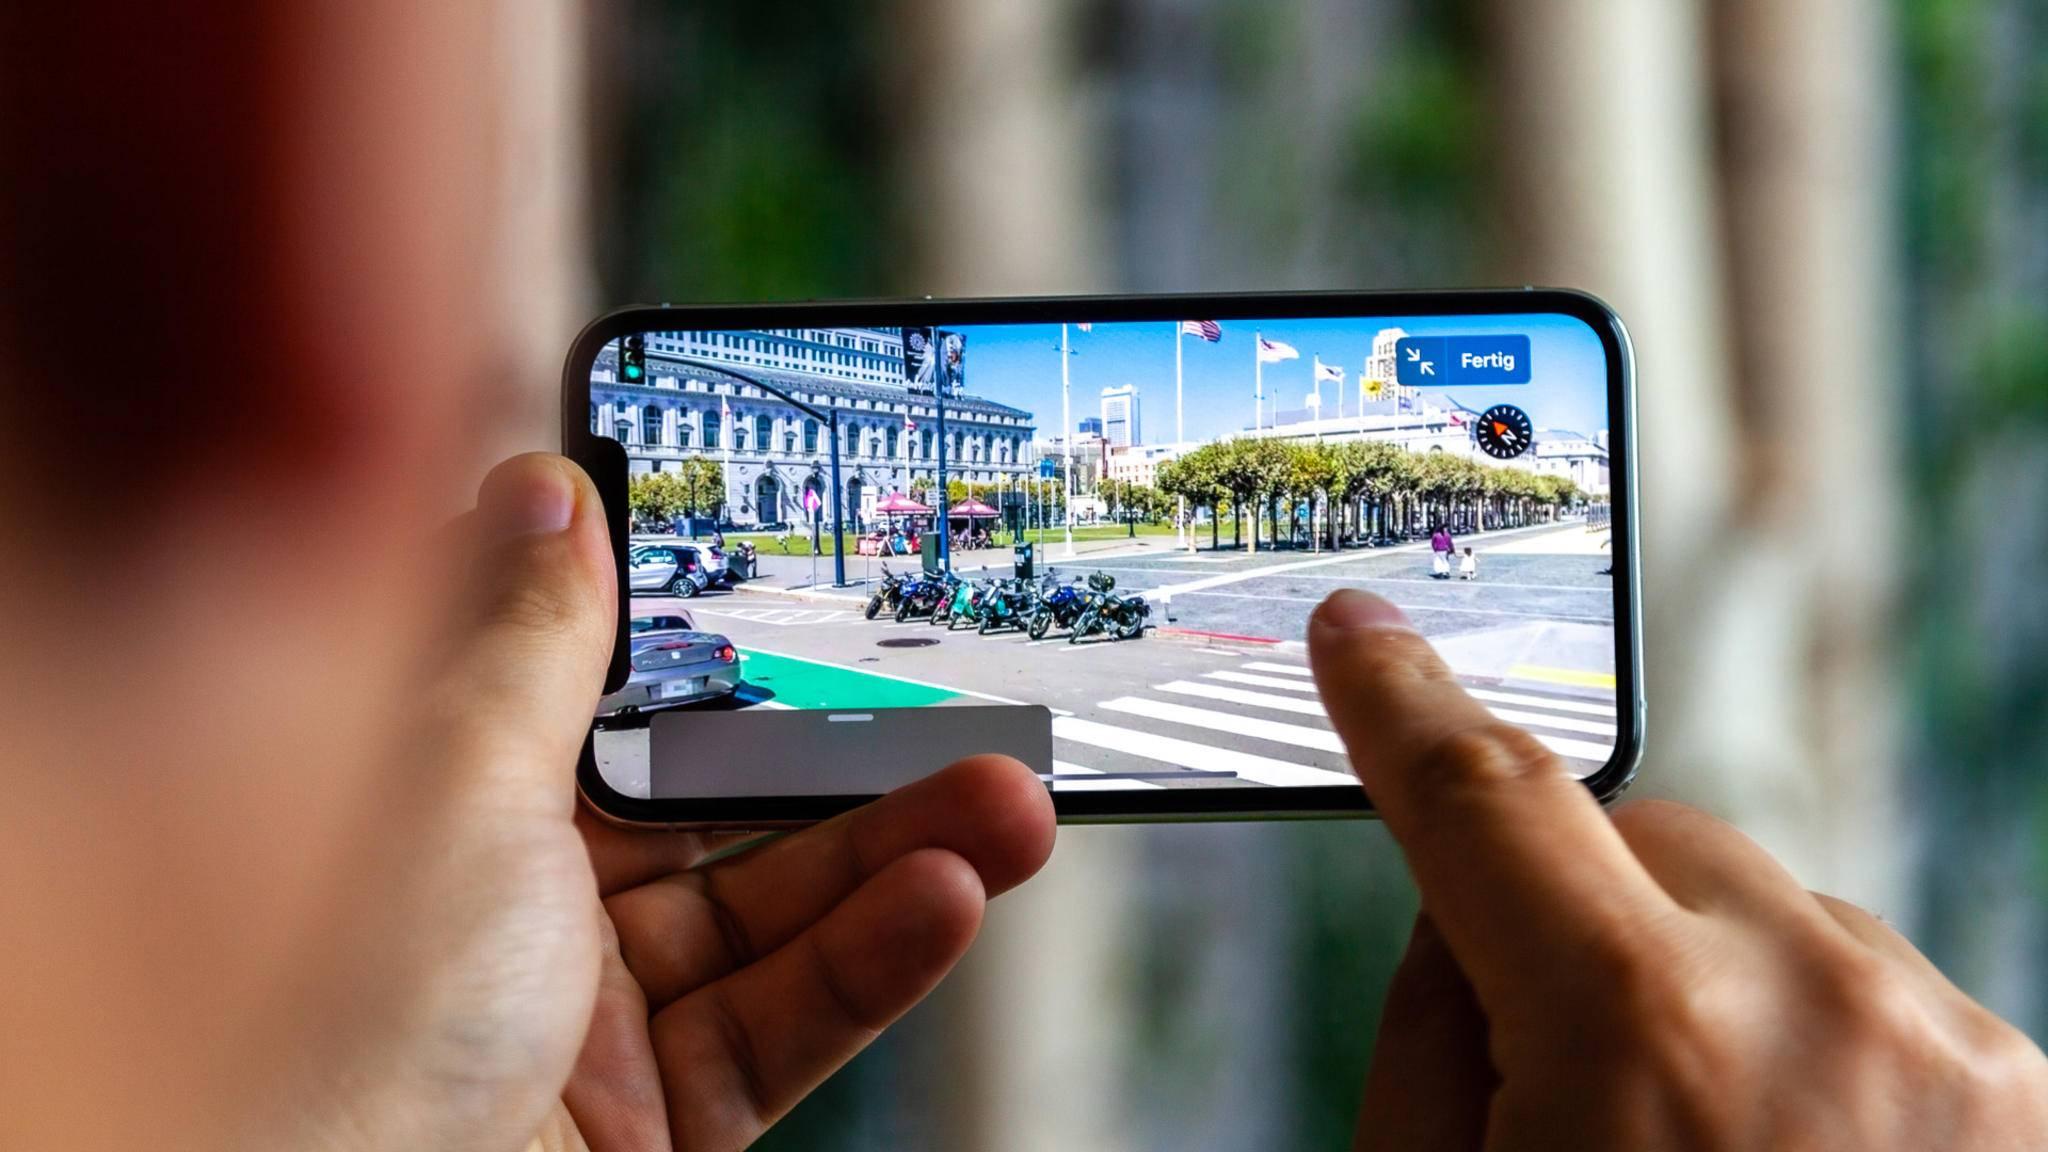 Kein Look Around für Deutschland. Apples Kamera-Autos fahren aber trotzdem auch auf deutschen Straßen.